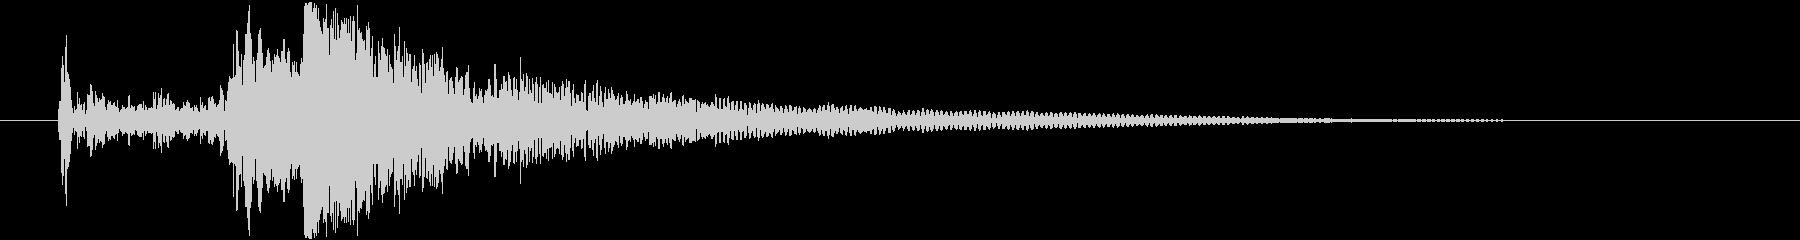 ゴポゴポゴポ 潜水艦がもぐる音の未再生の波形